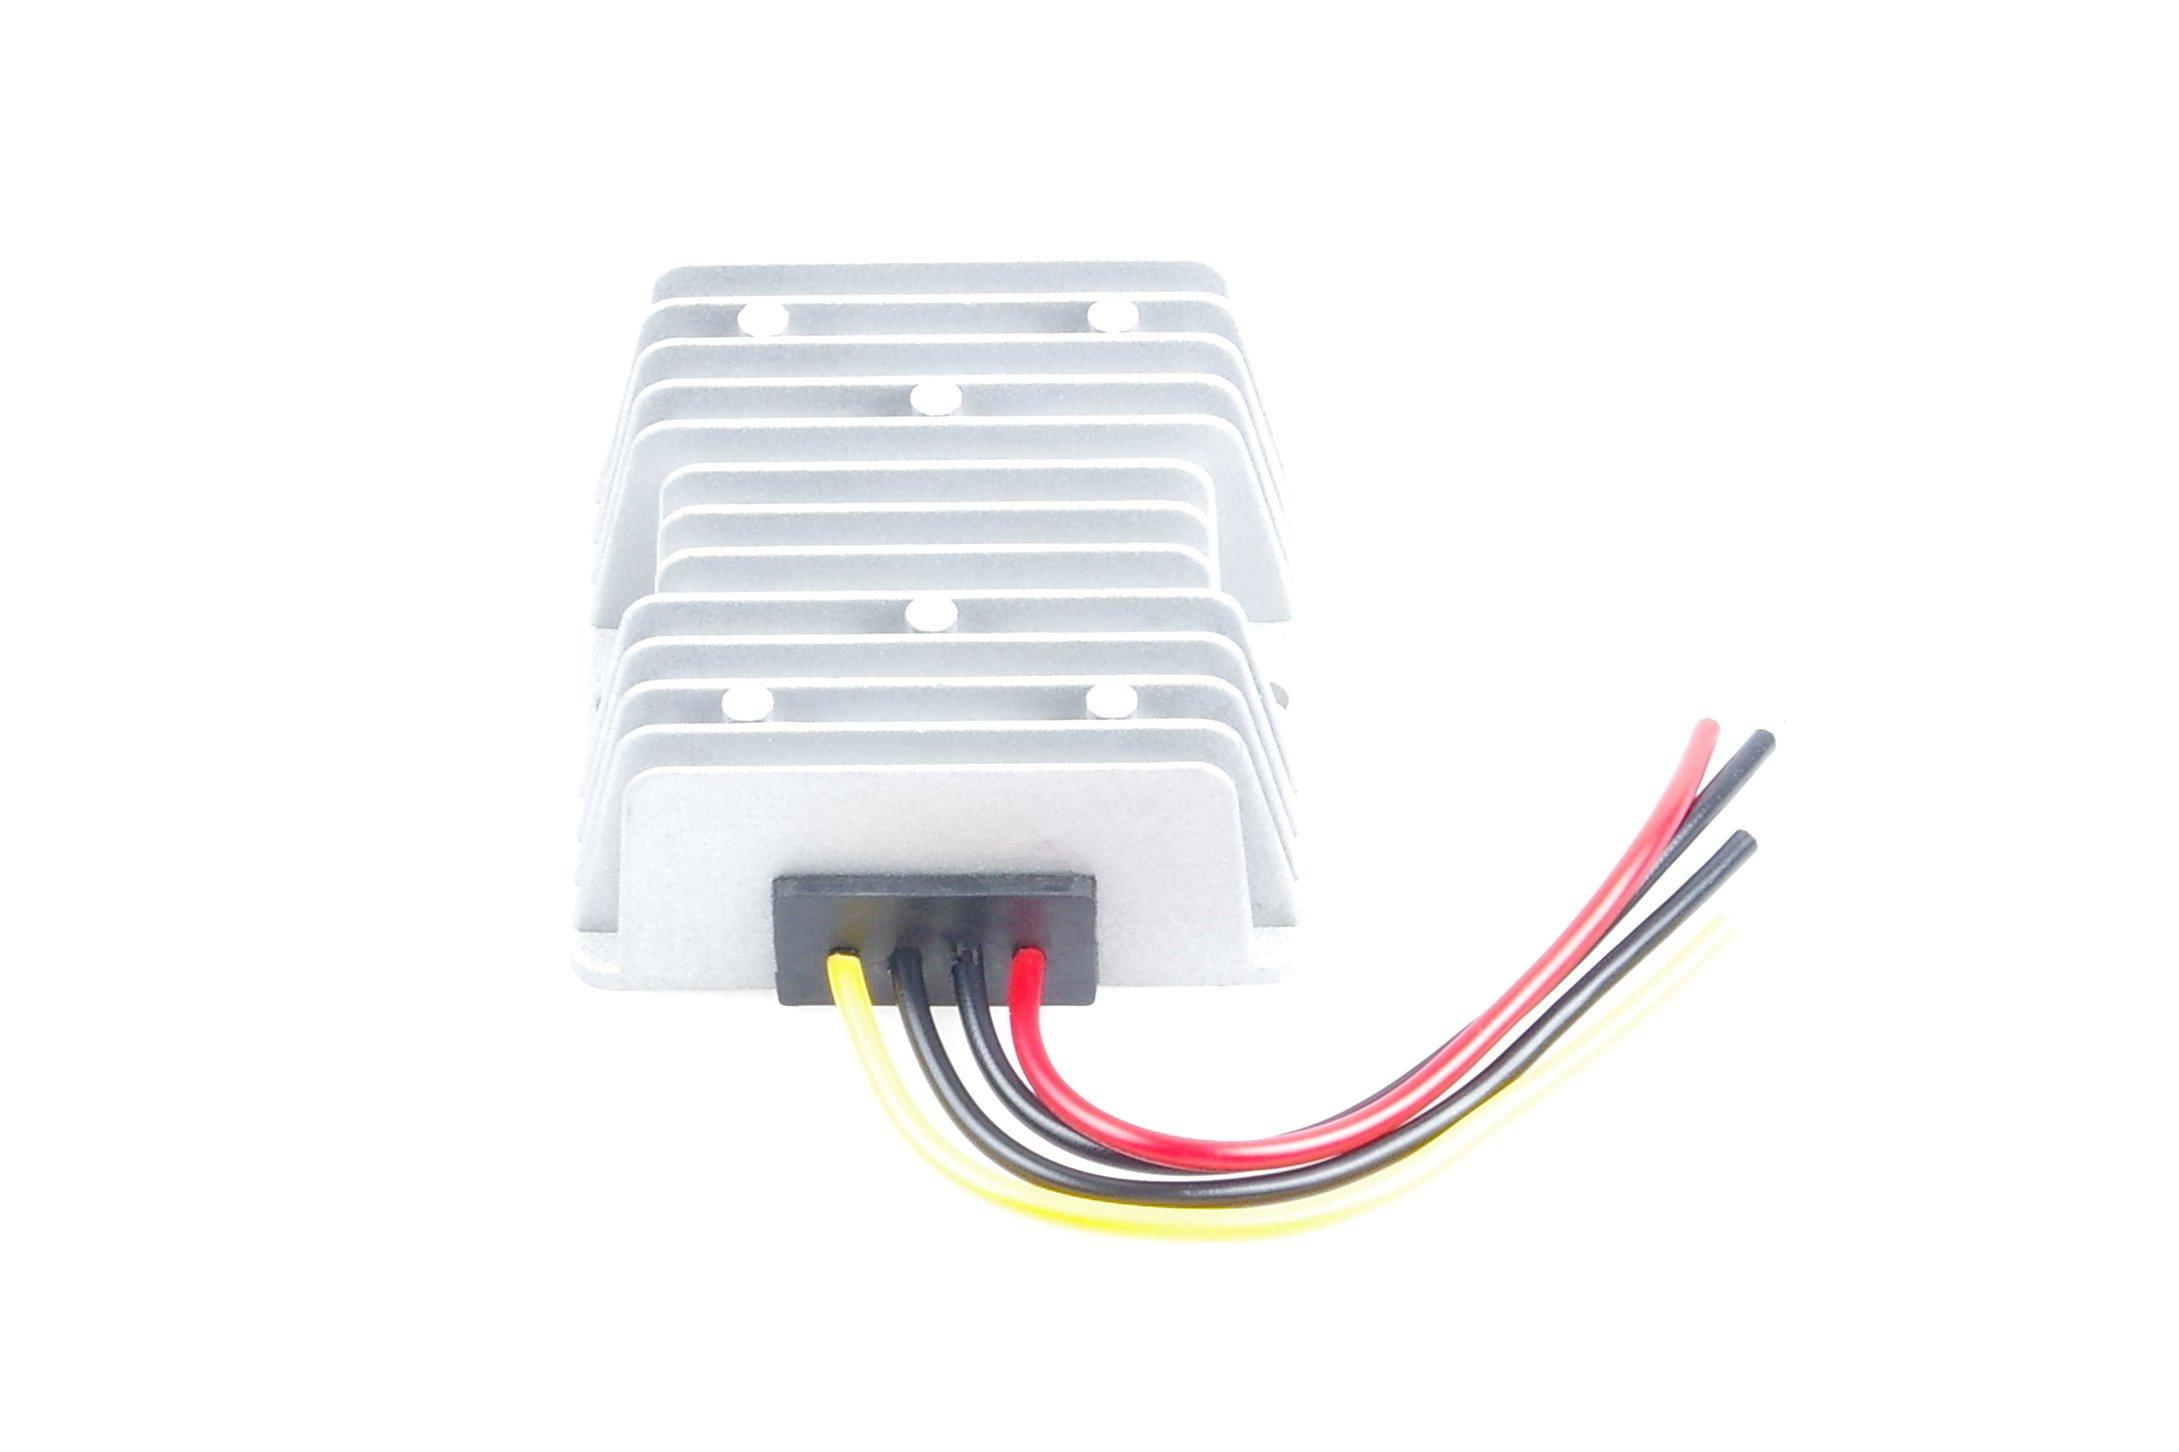 KNACRO 24V 36V 48V 60V (20-75V) To 12V DC-DC Waterproof Boost Converter Automatic Step Down Voltage Regulator Module Car Power Supply Voltage Transformer With 4 Wires (IN DC 60V (20-75V), OUT 12V 15A)